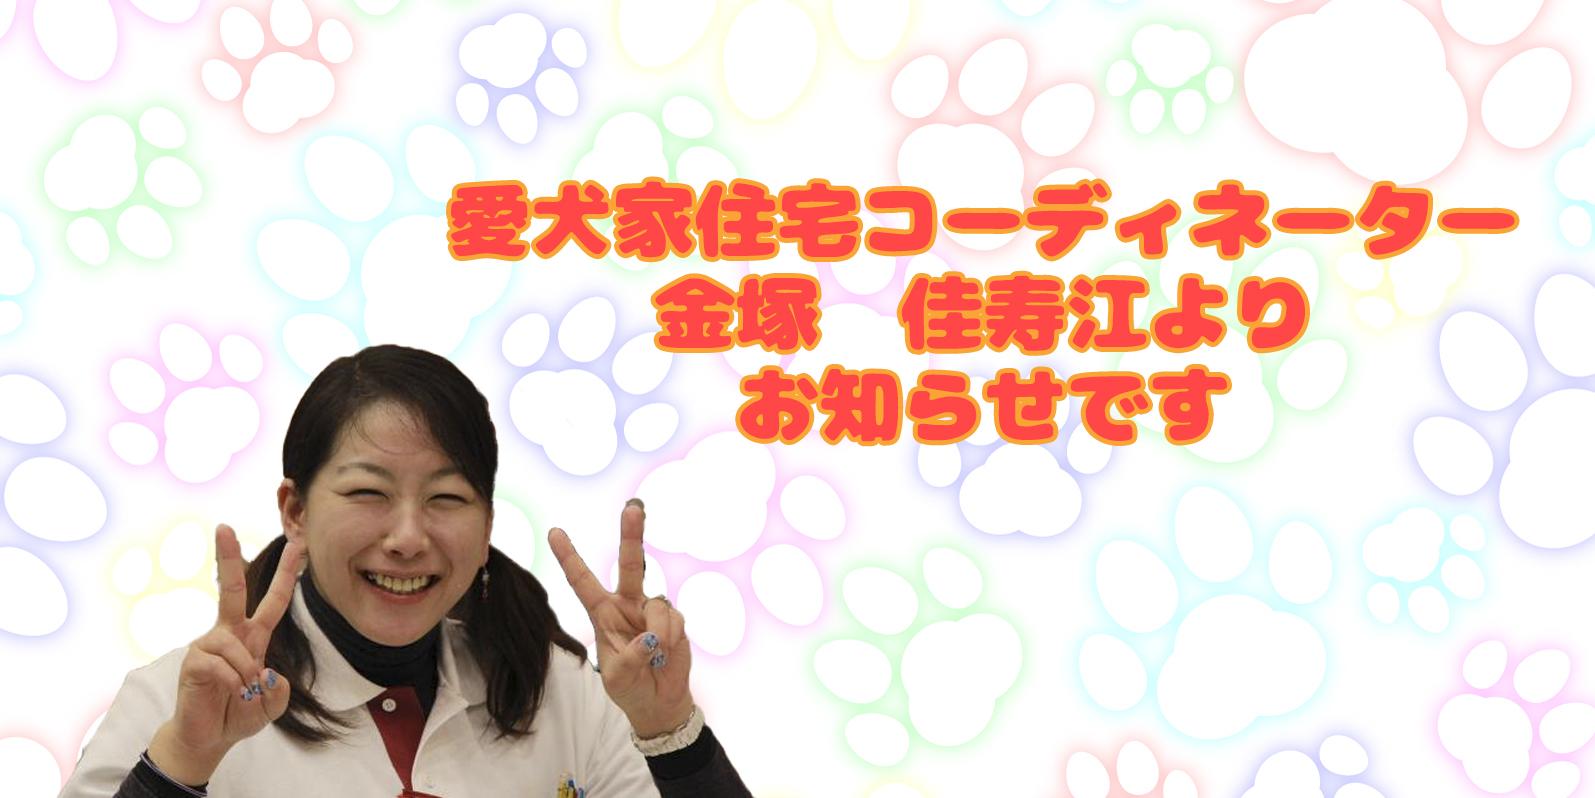 愛犬家住宅コーディネーター金塚 佳寿江よりお知らせです。